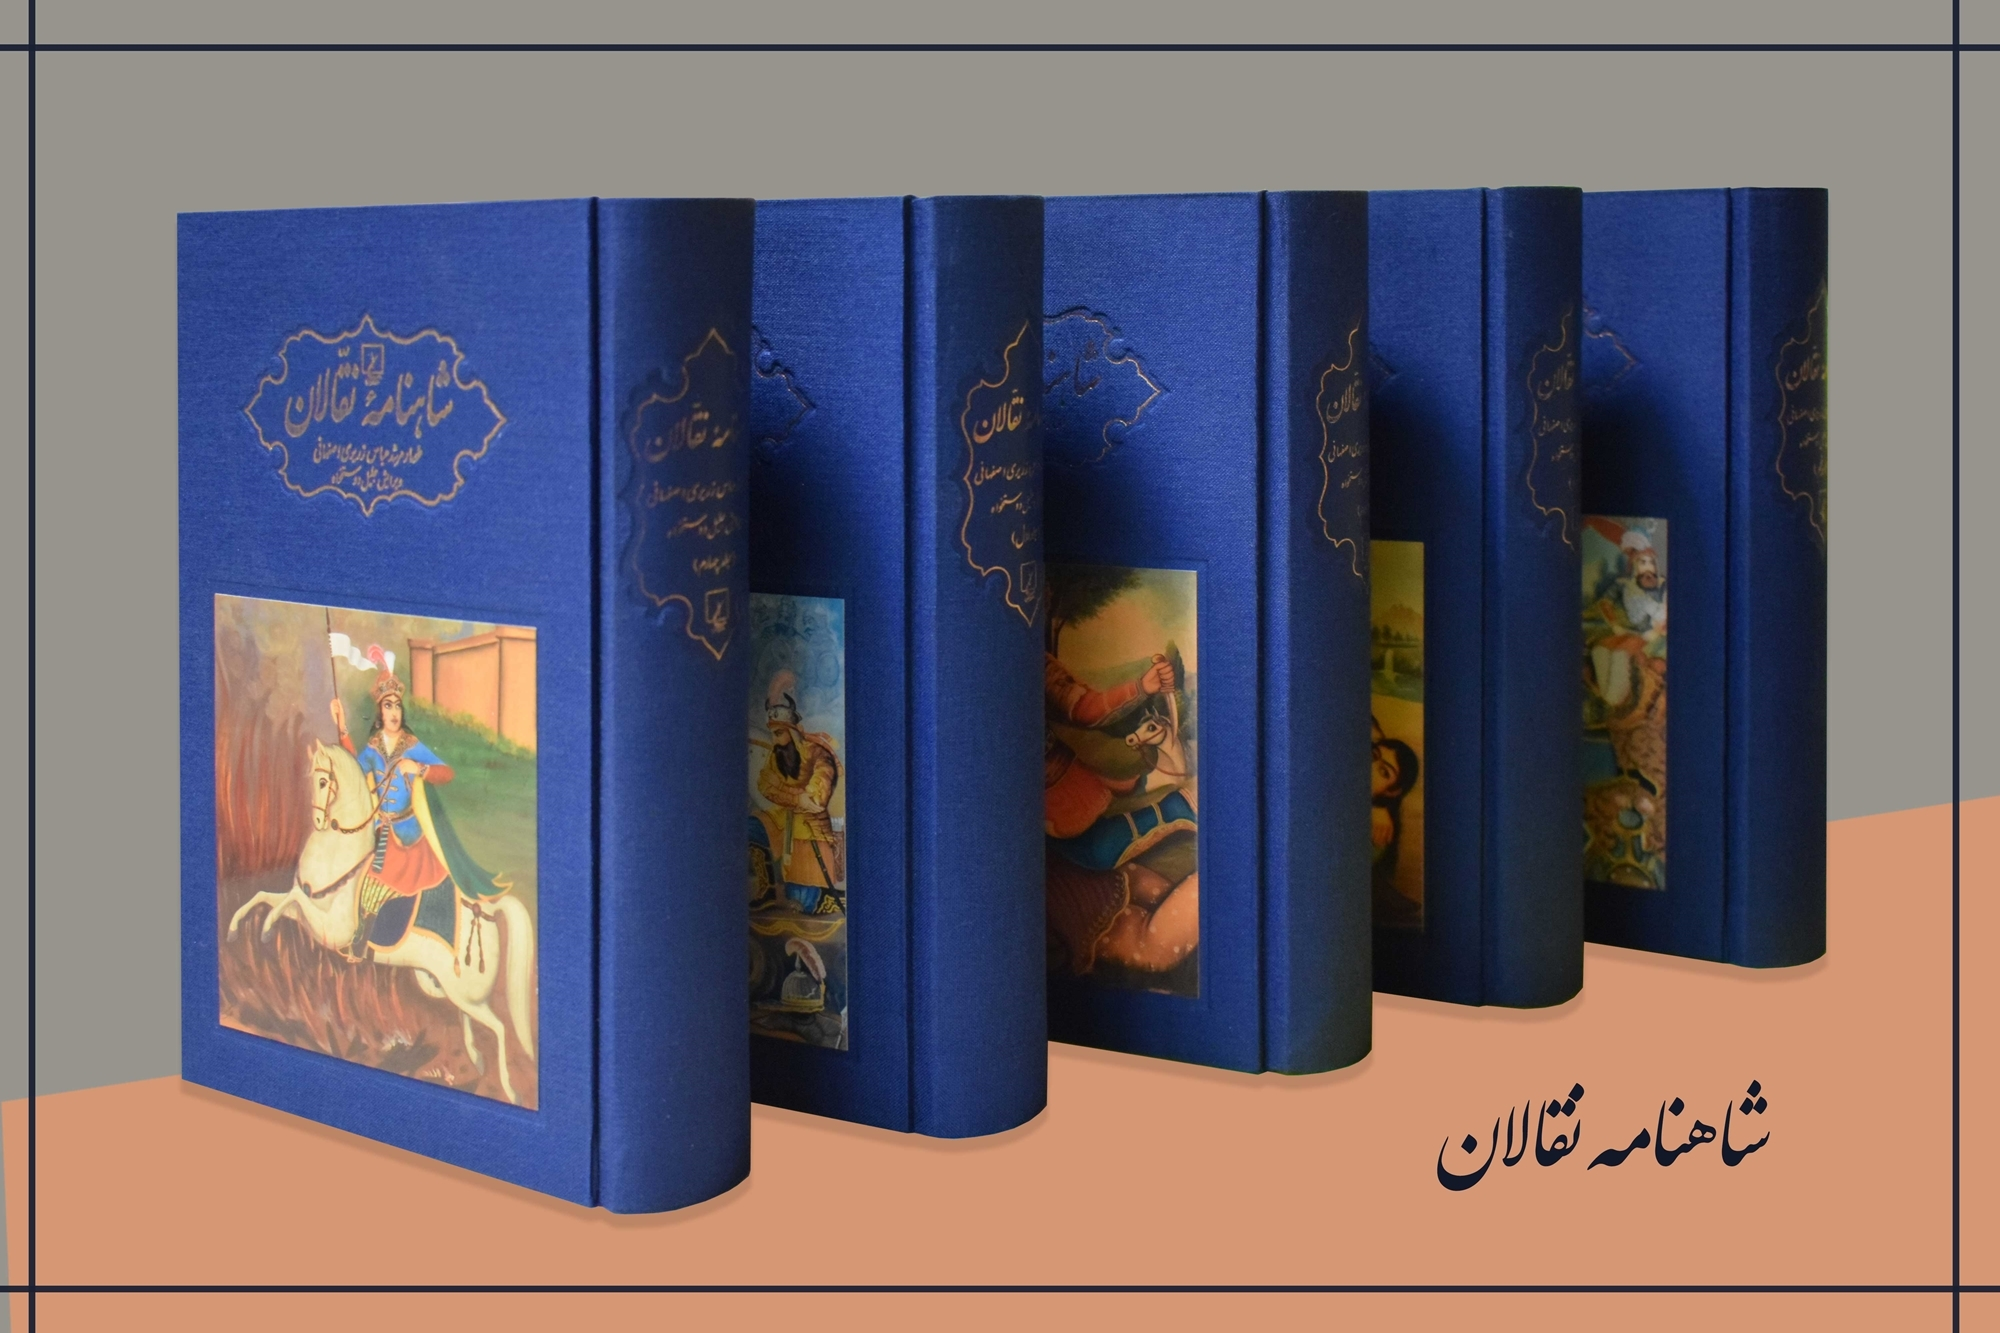 شاهنامه نقالان / مرشد عباس زریری اصفهانی